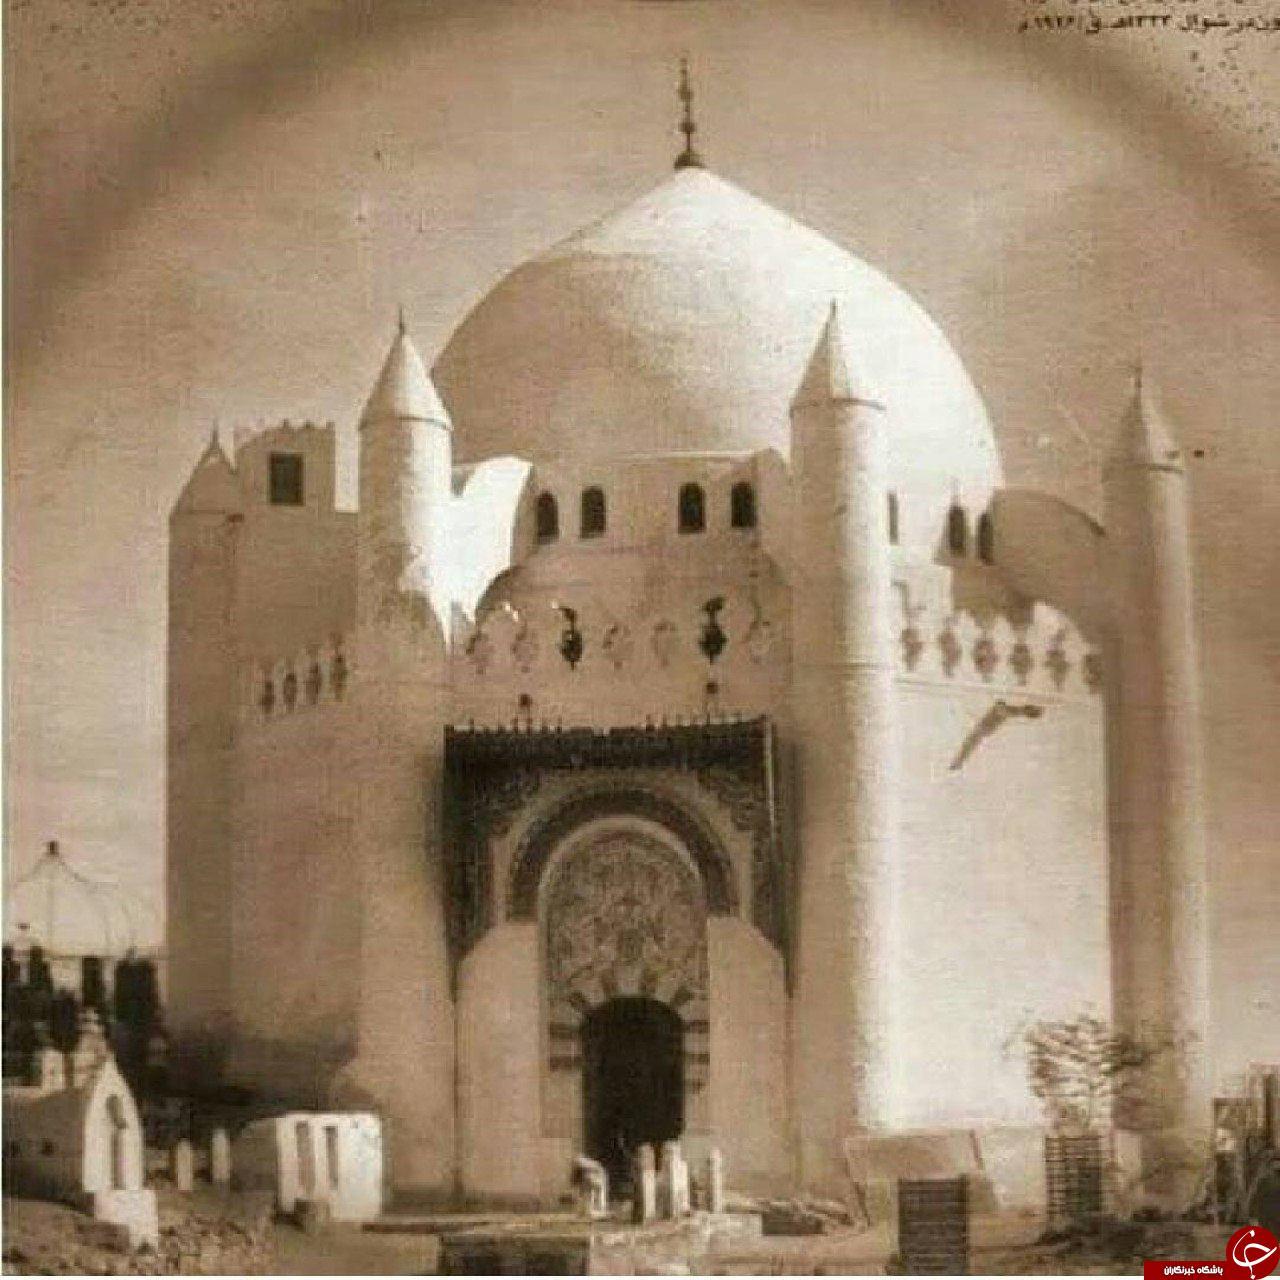 عکس از مسجد نبی قبل از تخریب